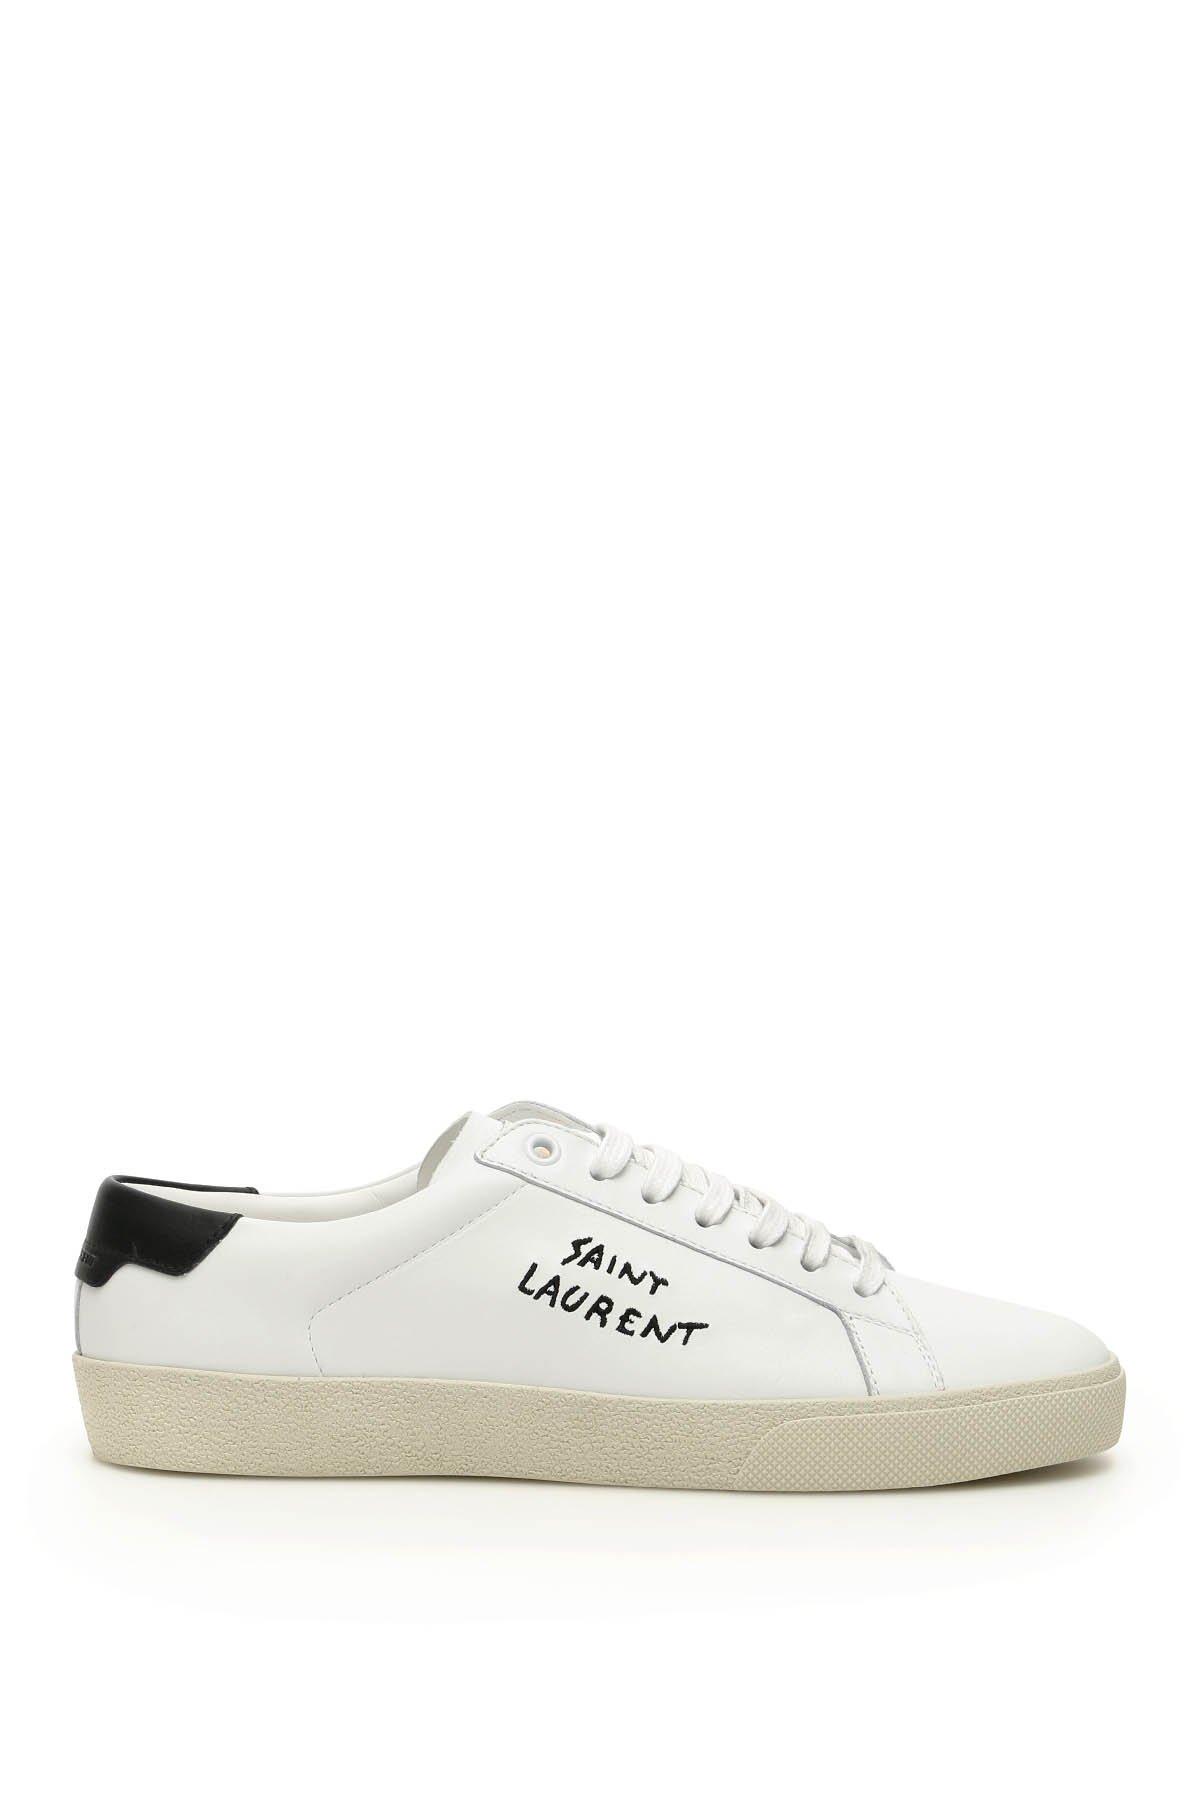 Saint laurent sneaker in pelle sl06 signature